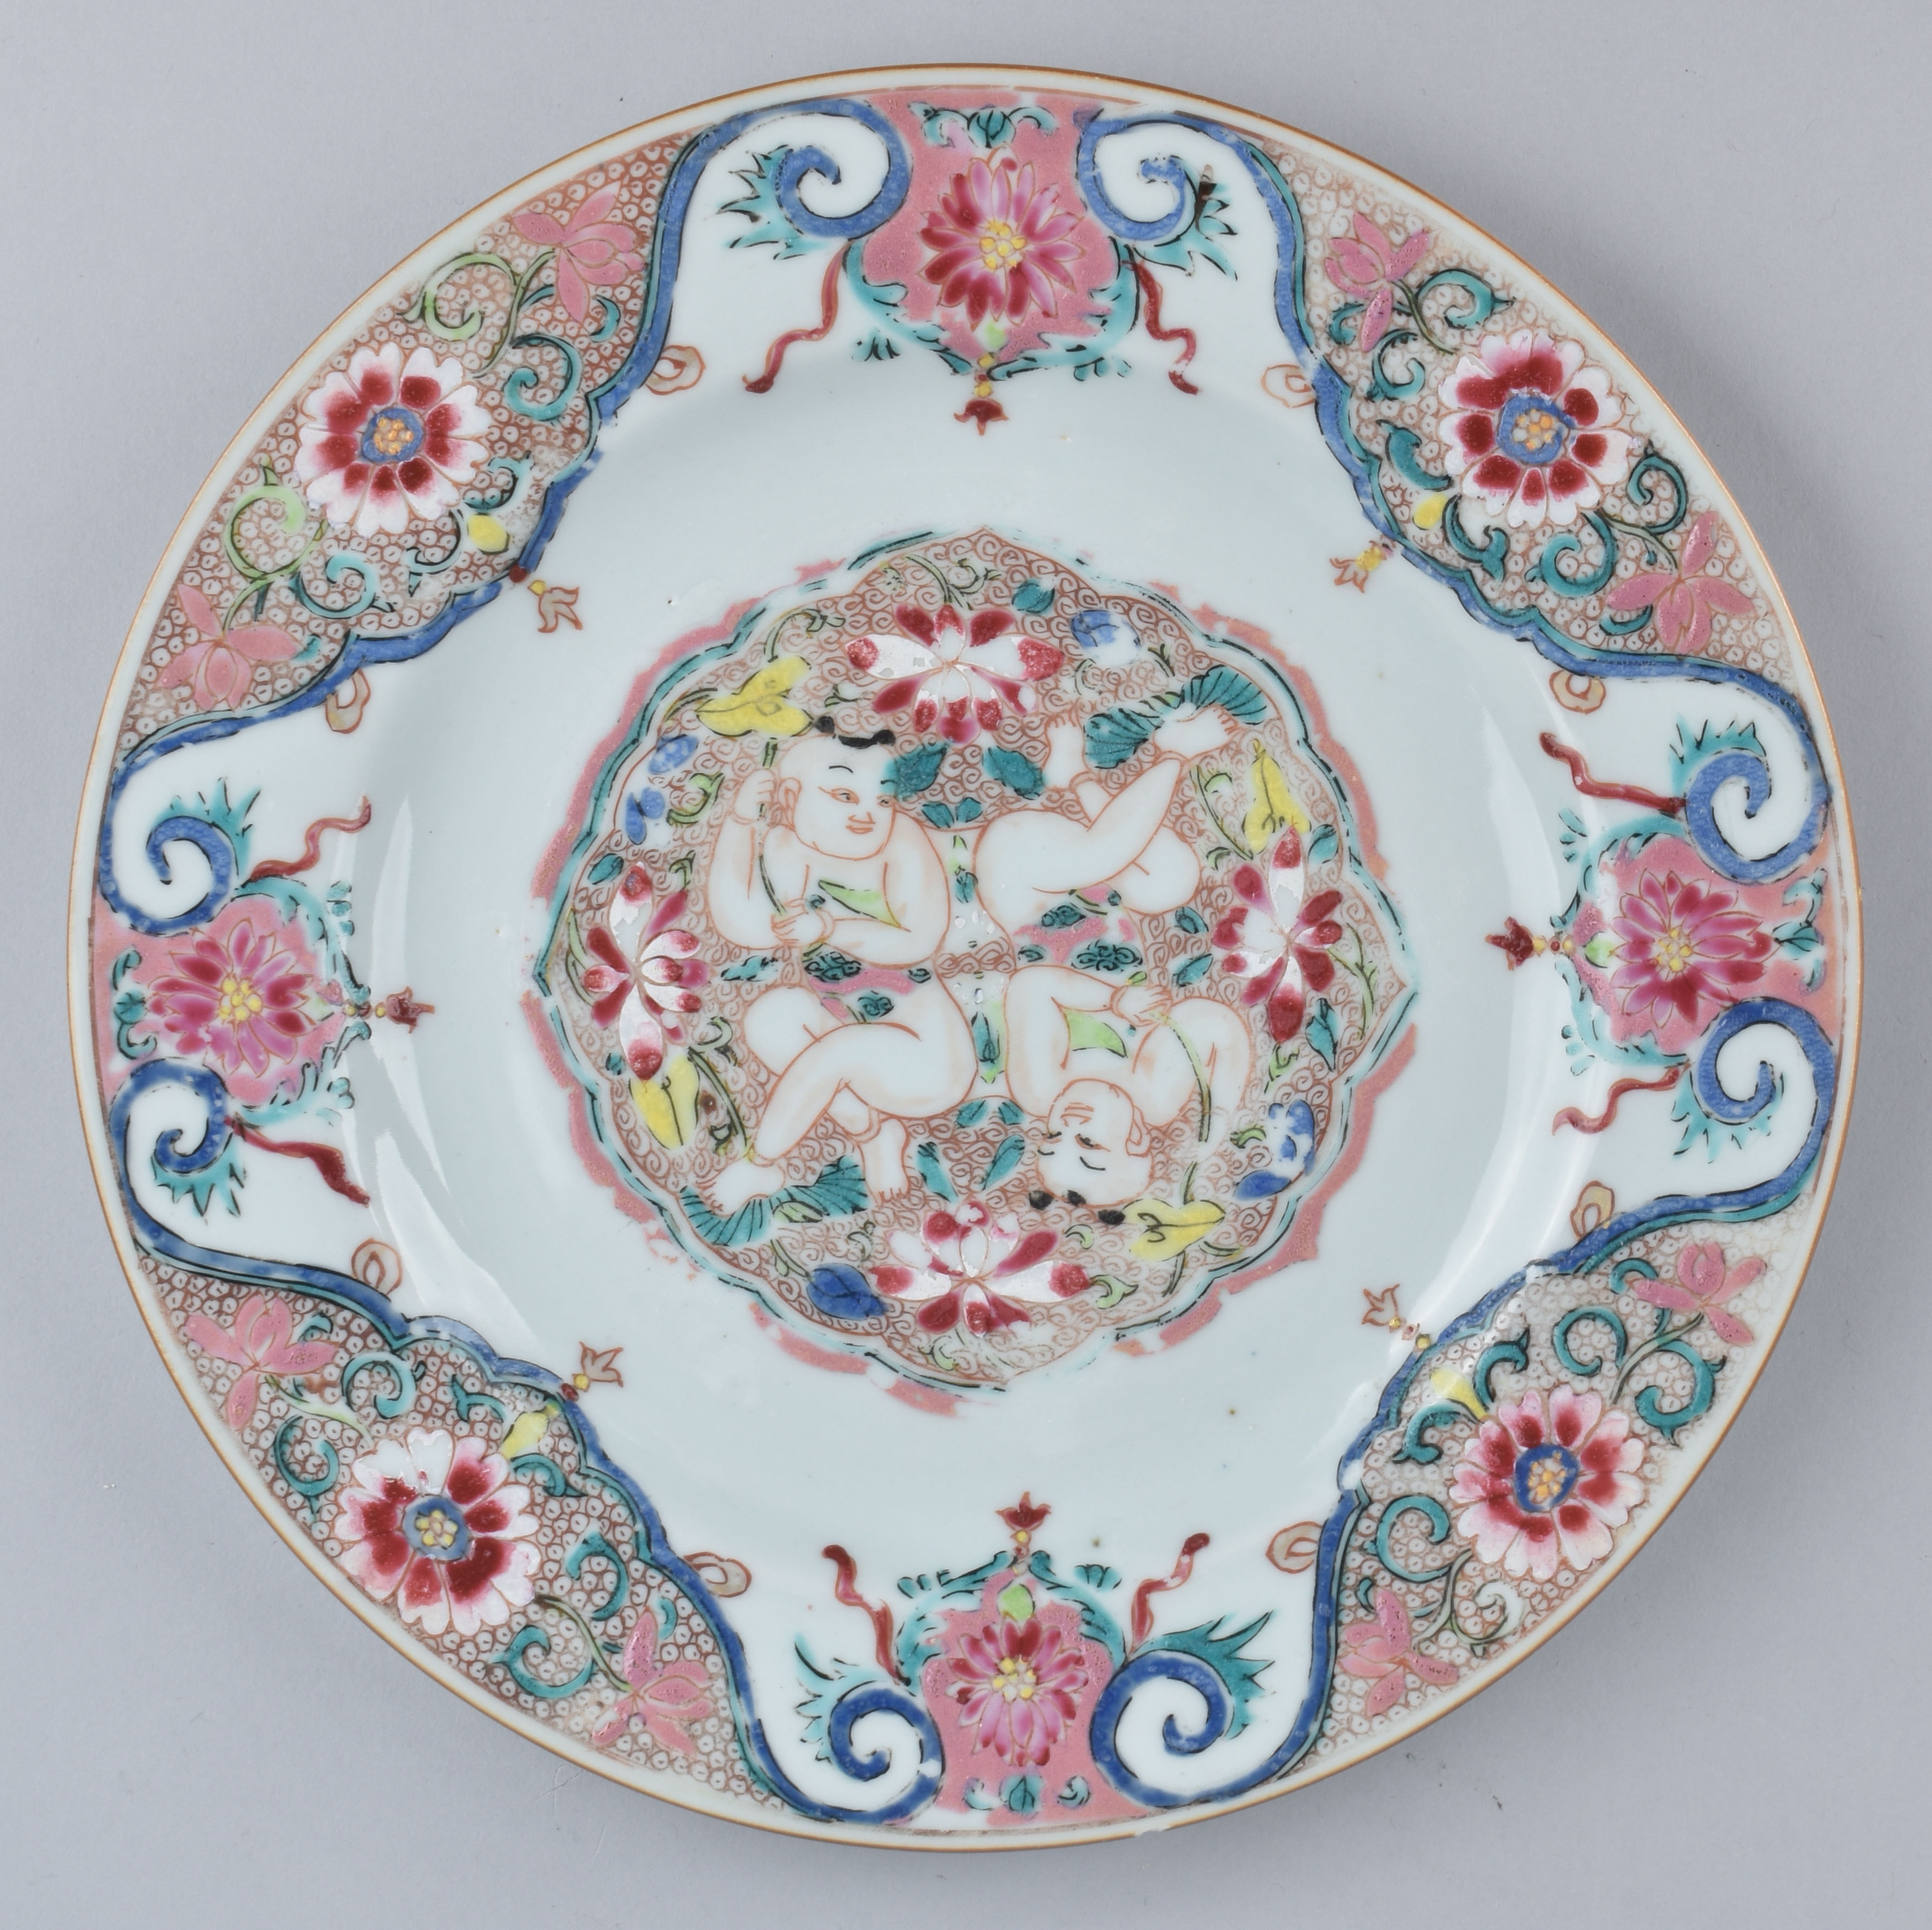 Porcelaine Yongzheng (1723-1735), circa 1735, China